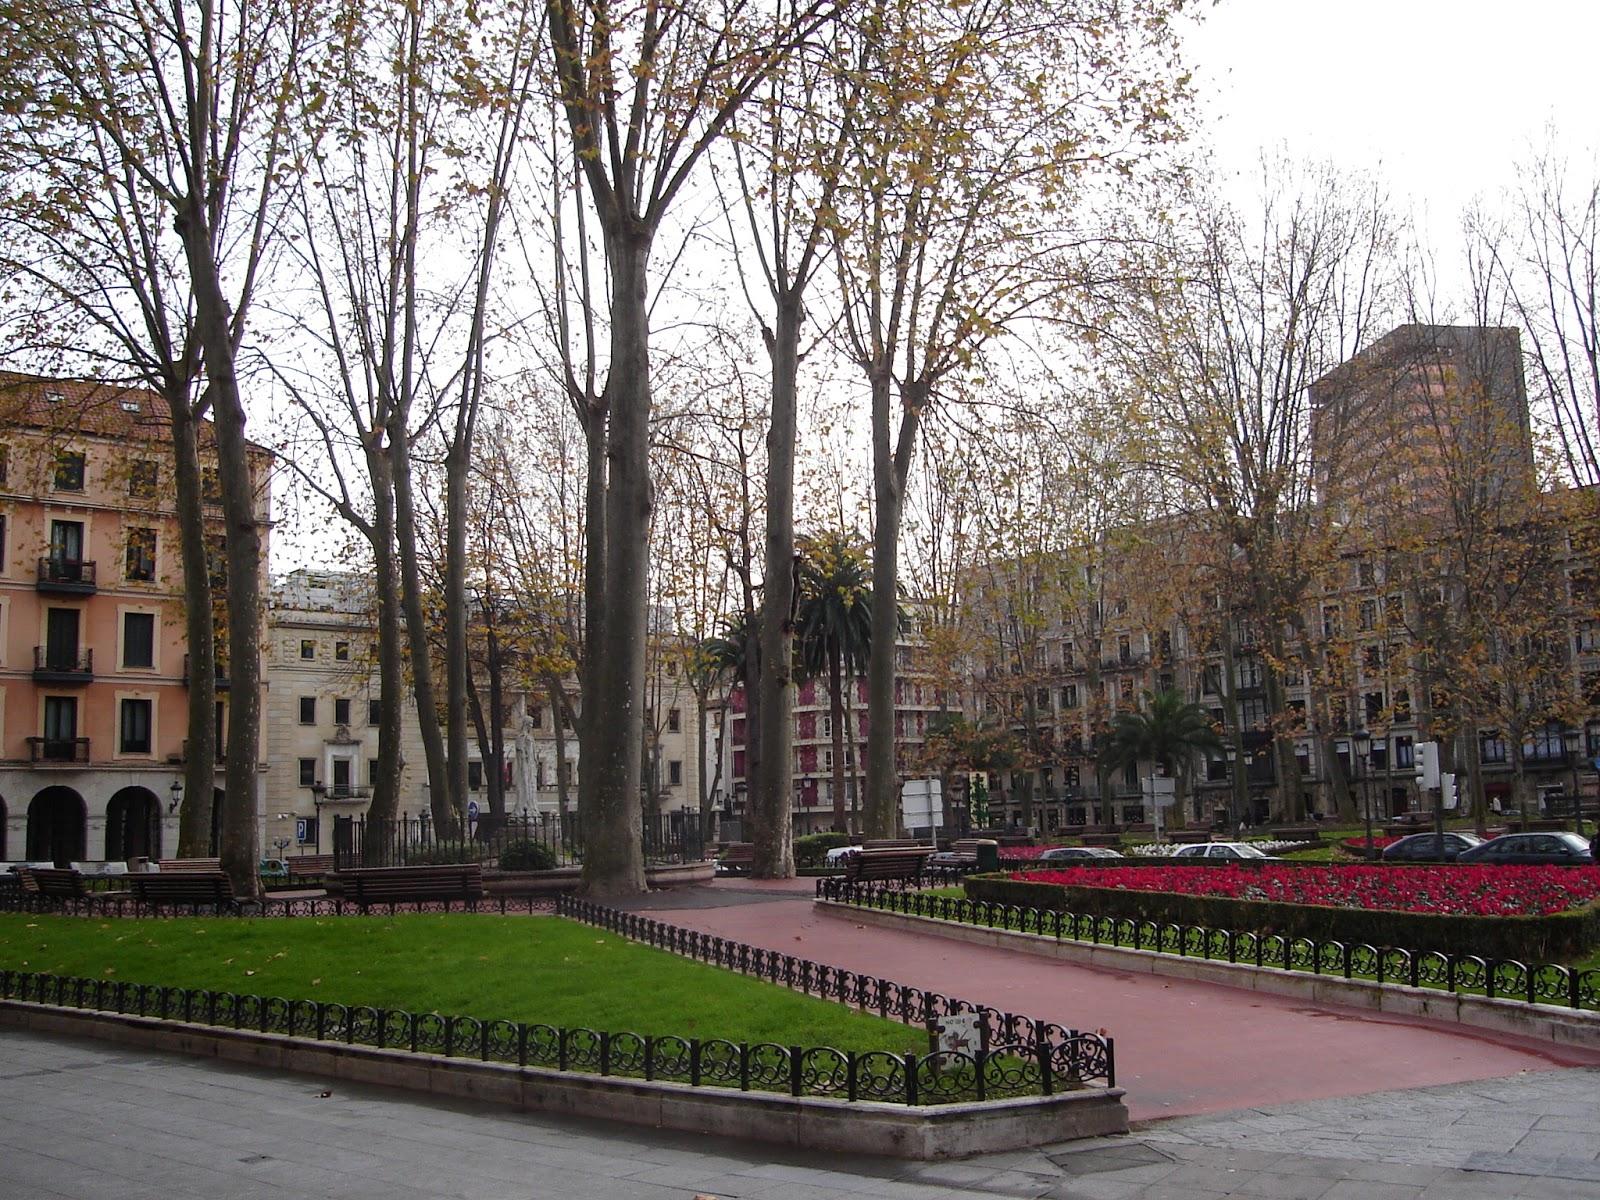 fotos de jardins urbanos : fotos de jardins urbanos:Estos acogedores jardines urbanos, inaugurados el 10 de Noviembre de